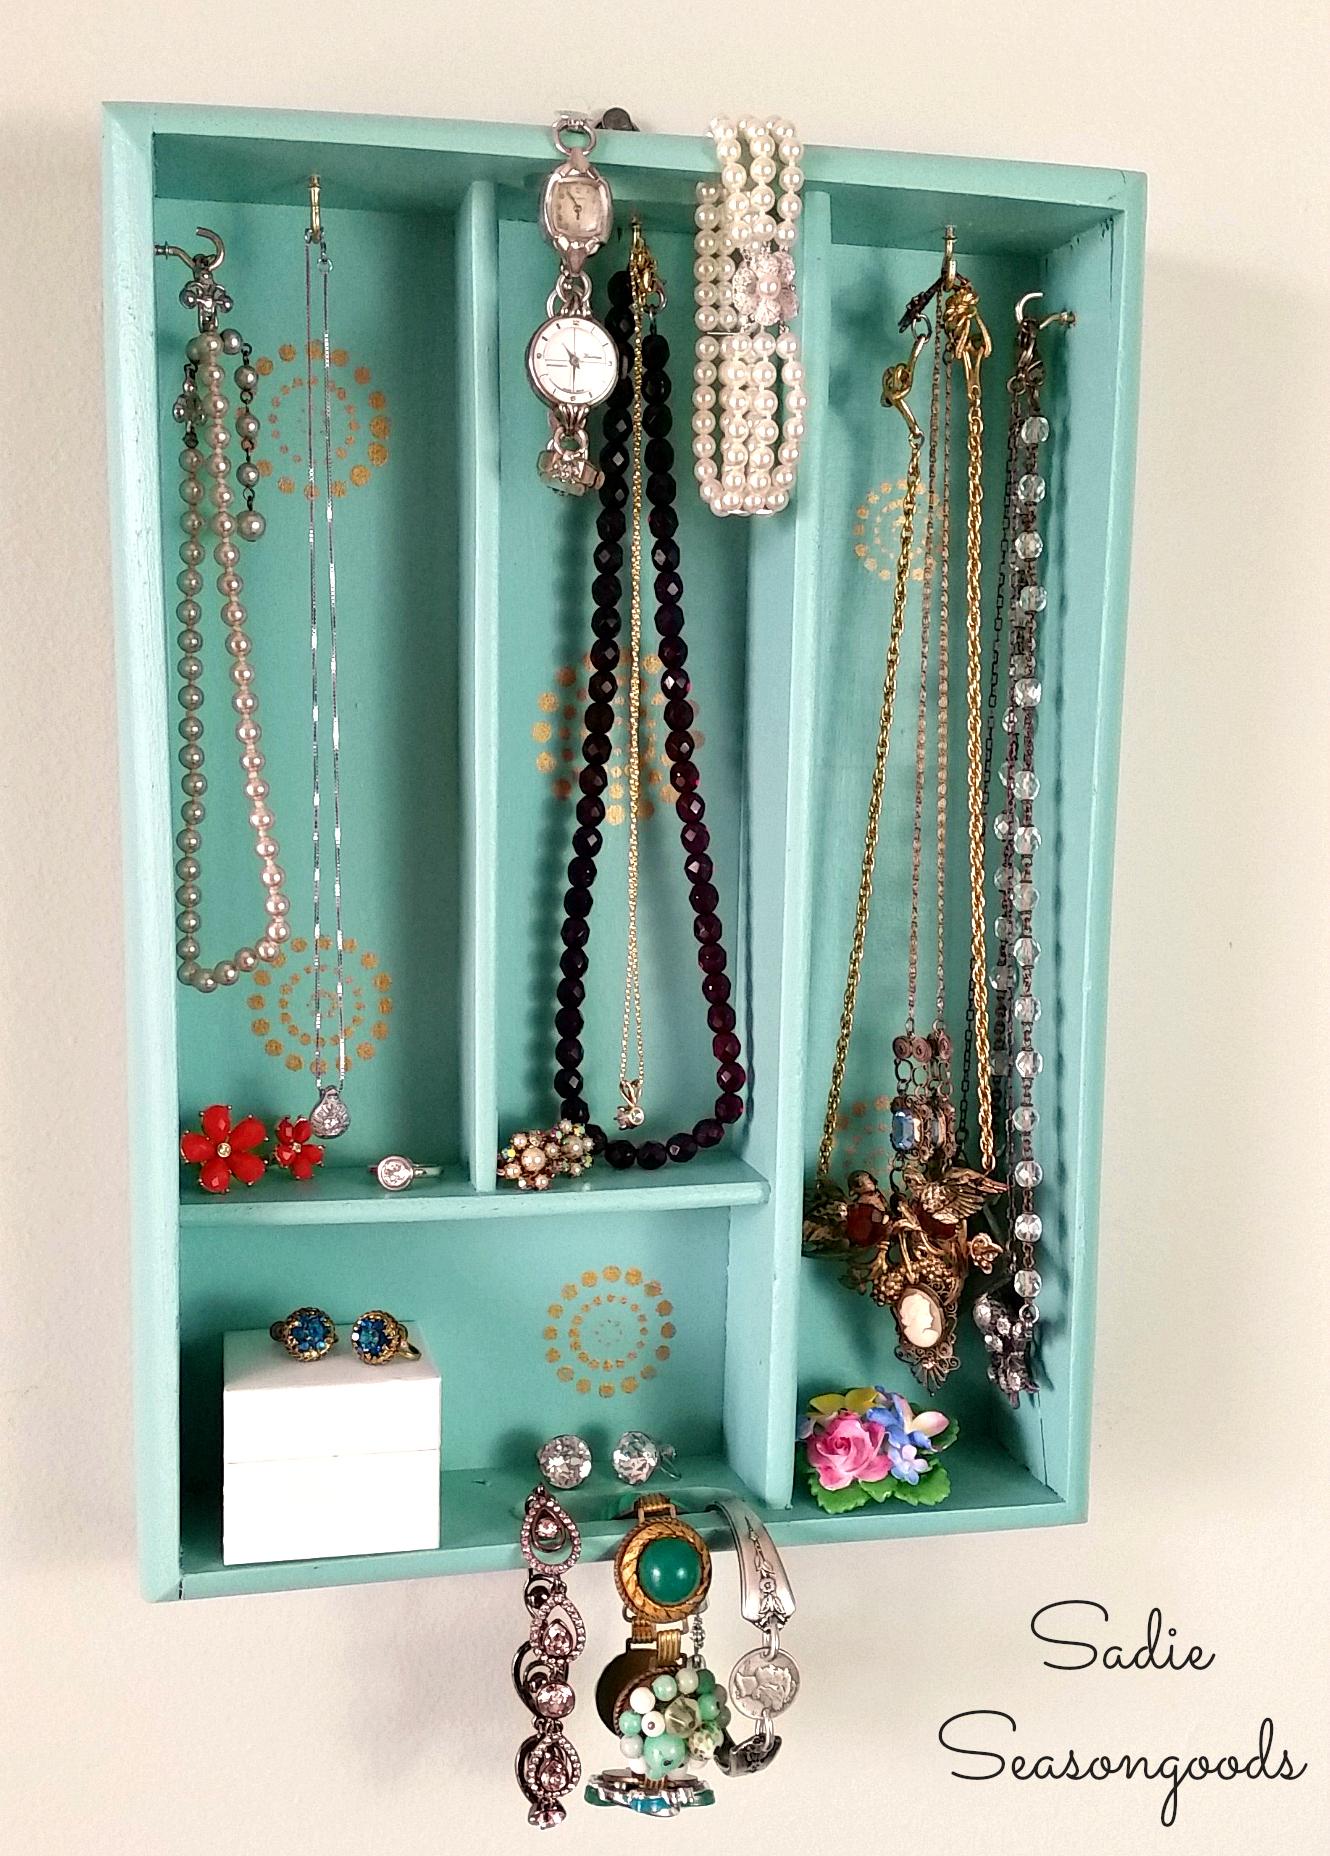 8_vintage_silverware_organizer_tray_upcycled_into_jewelry_holder_DIY_Sadie_Seasongoods